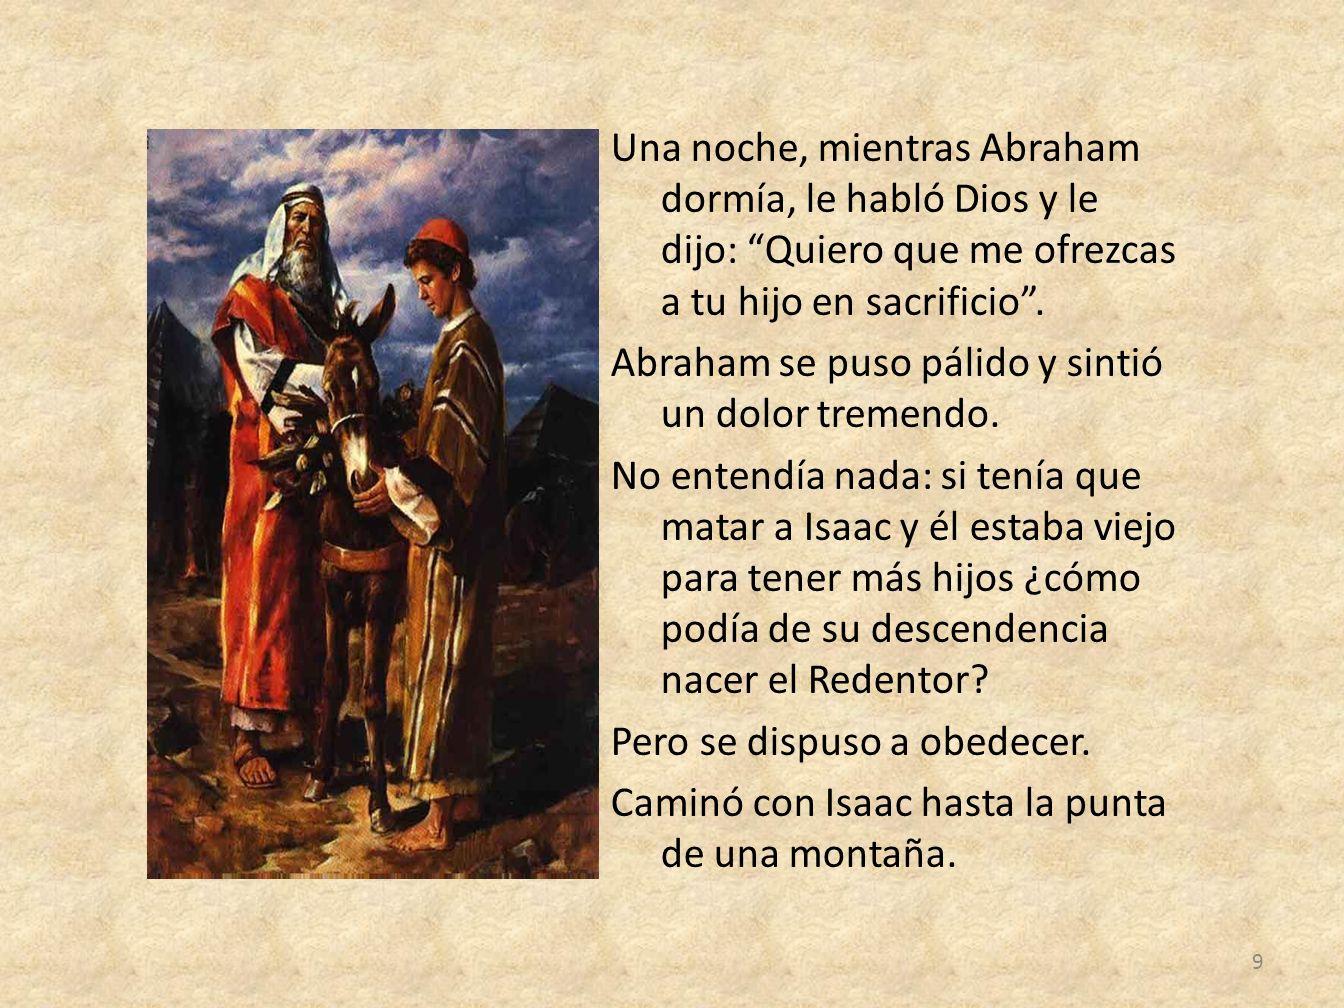 Una noche, mientras Abraham dormía, le habló Dios y le dijo: Quiero que me ofrezcas a tu hijo en sacrificio. Abraham se puso pálido y sintió un dolor